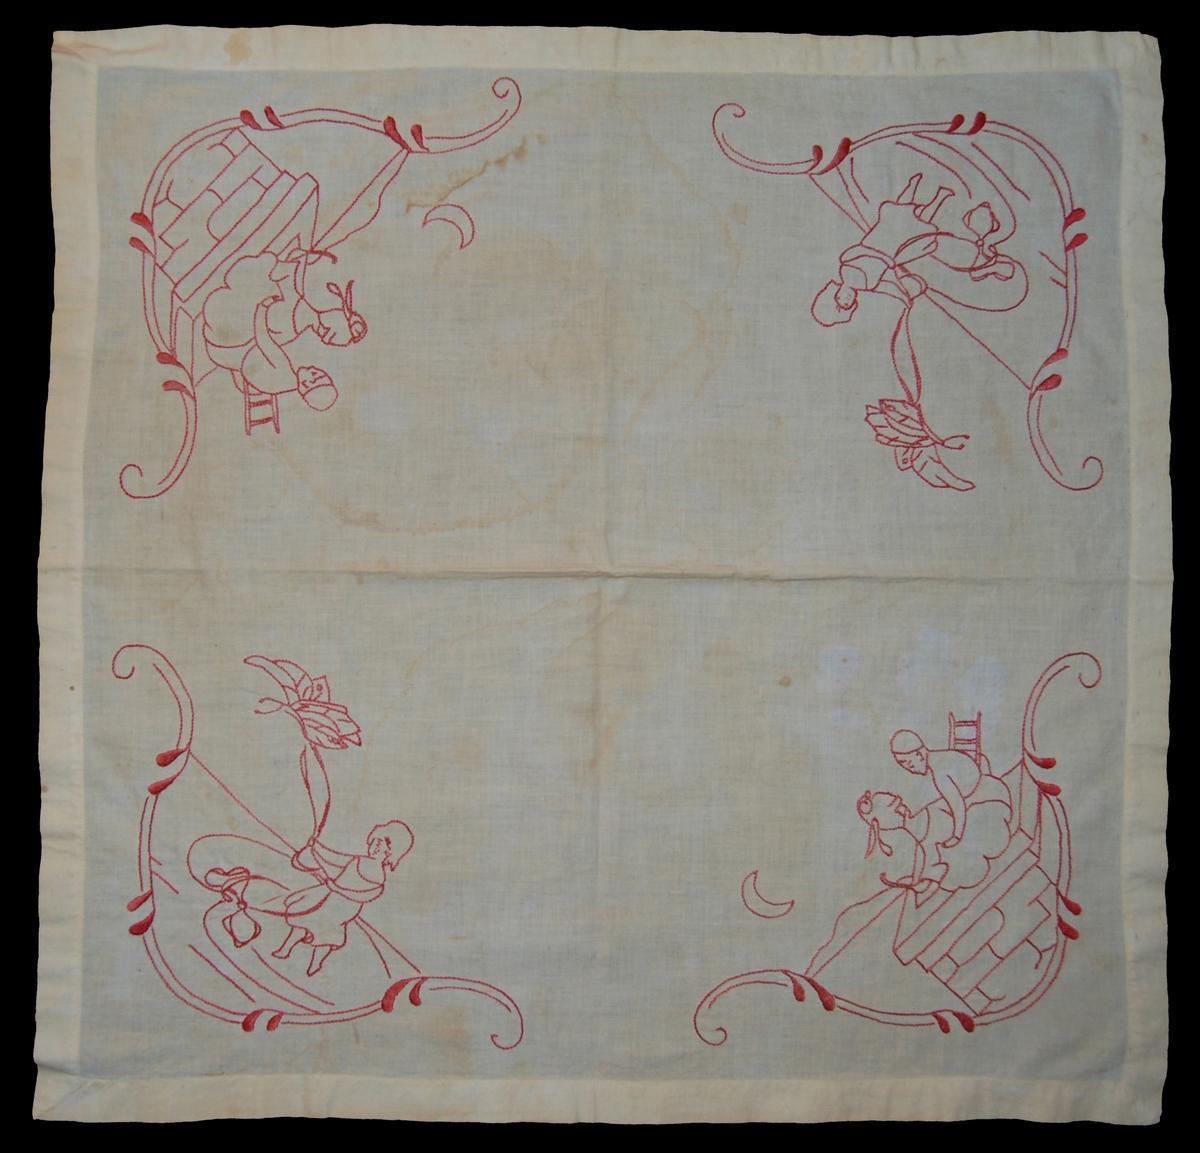 Kat.kort: Duk, av bomull, vit. Fyrkantig i hörnen broderade sagomotiv i rött bomullsgarn med platt- och stjälksöm. Tillhör G.M. 16986.